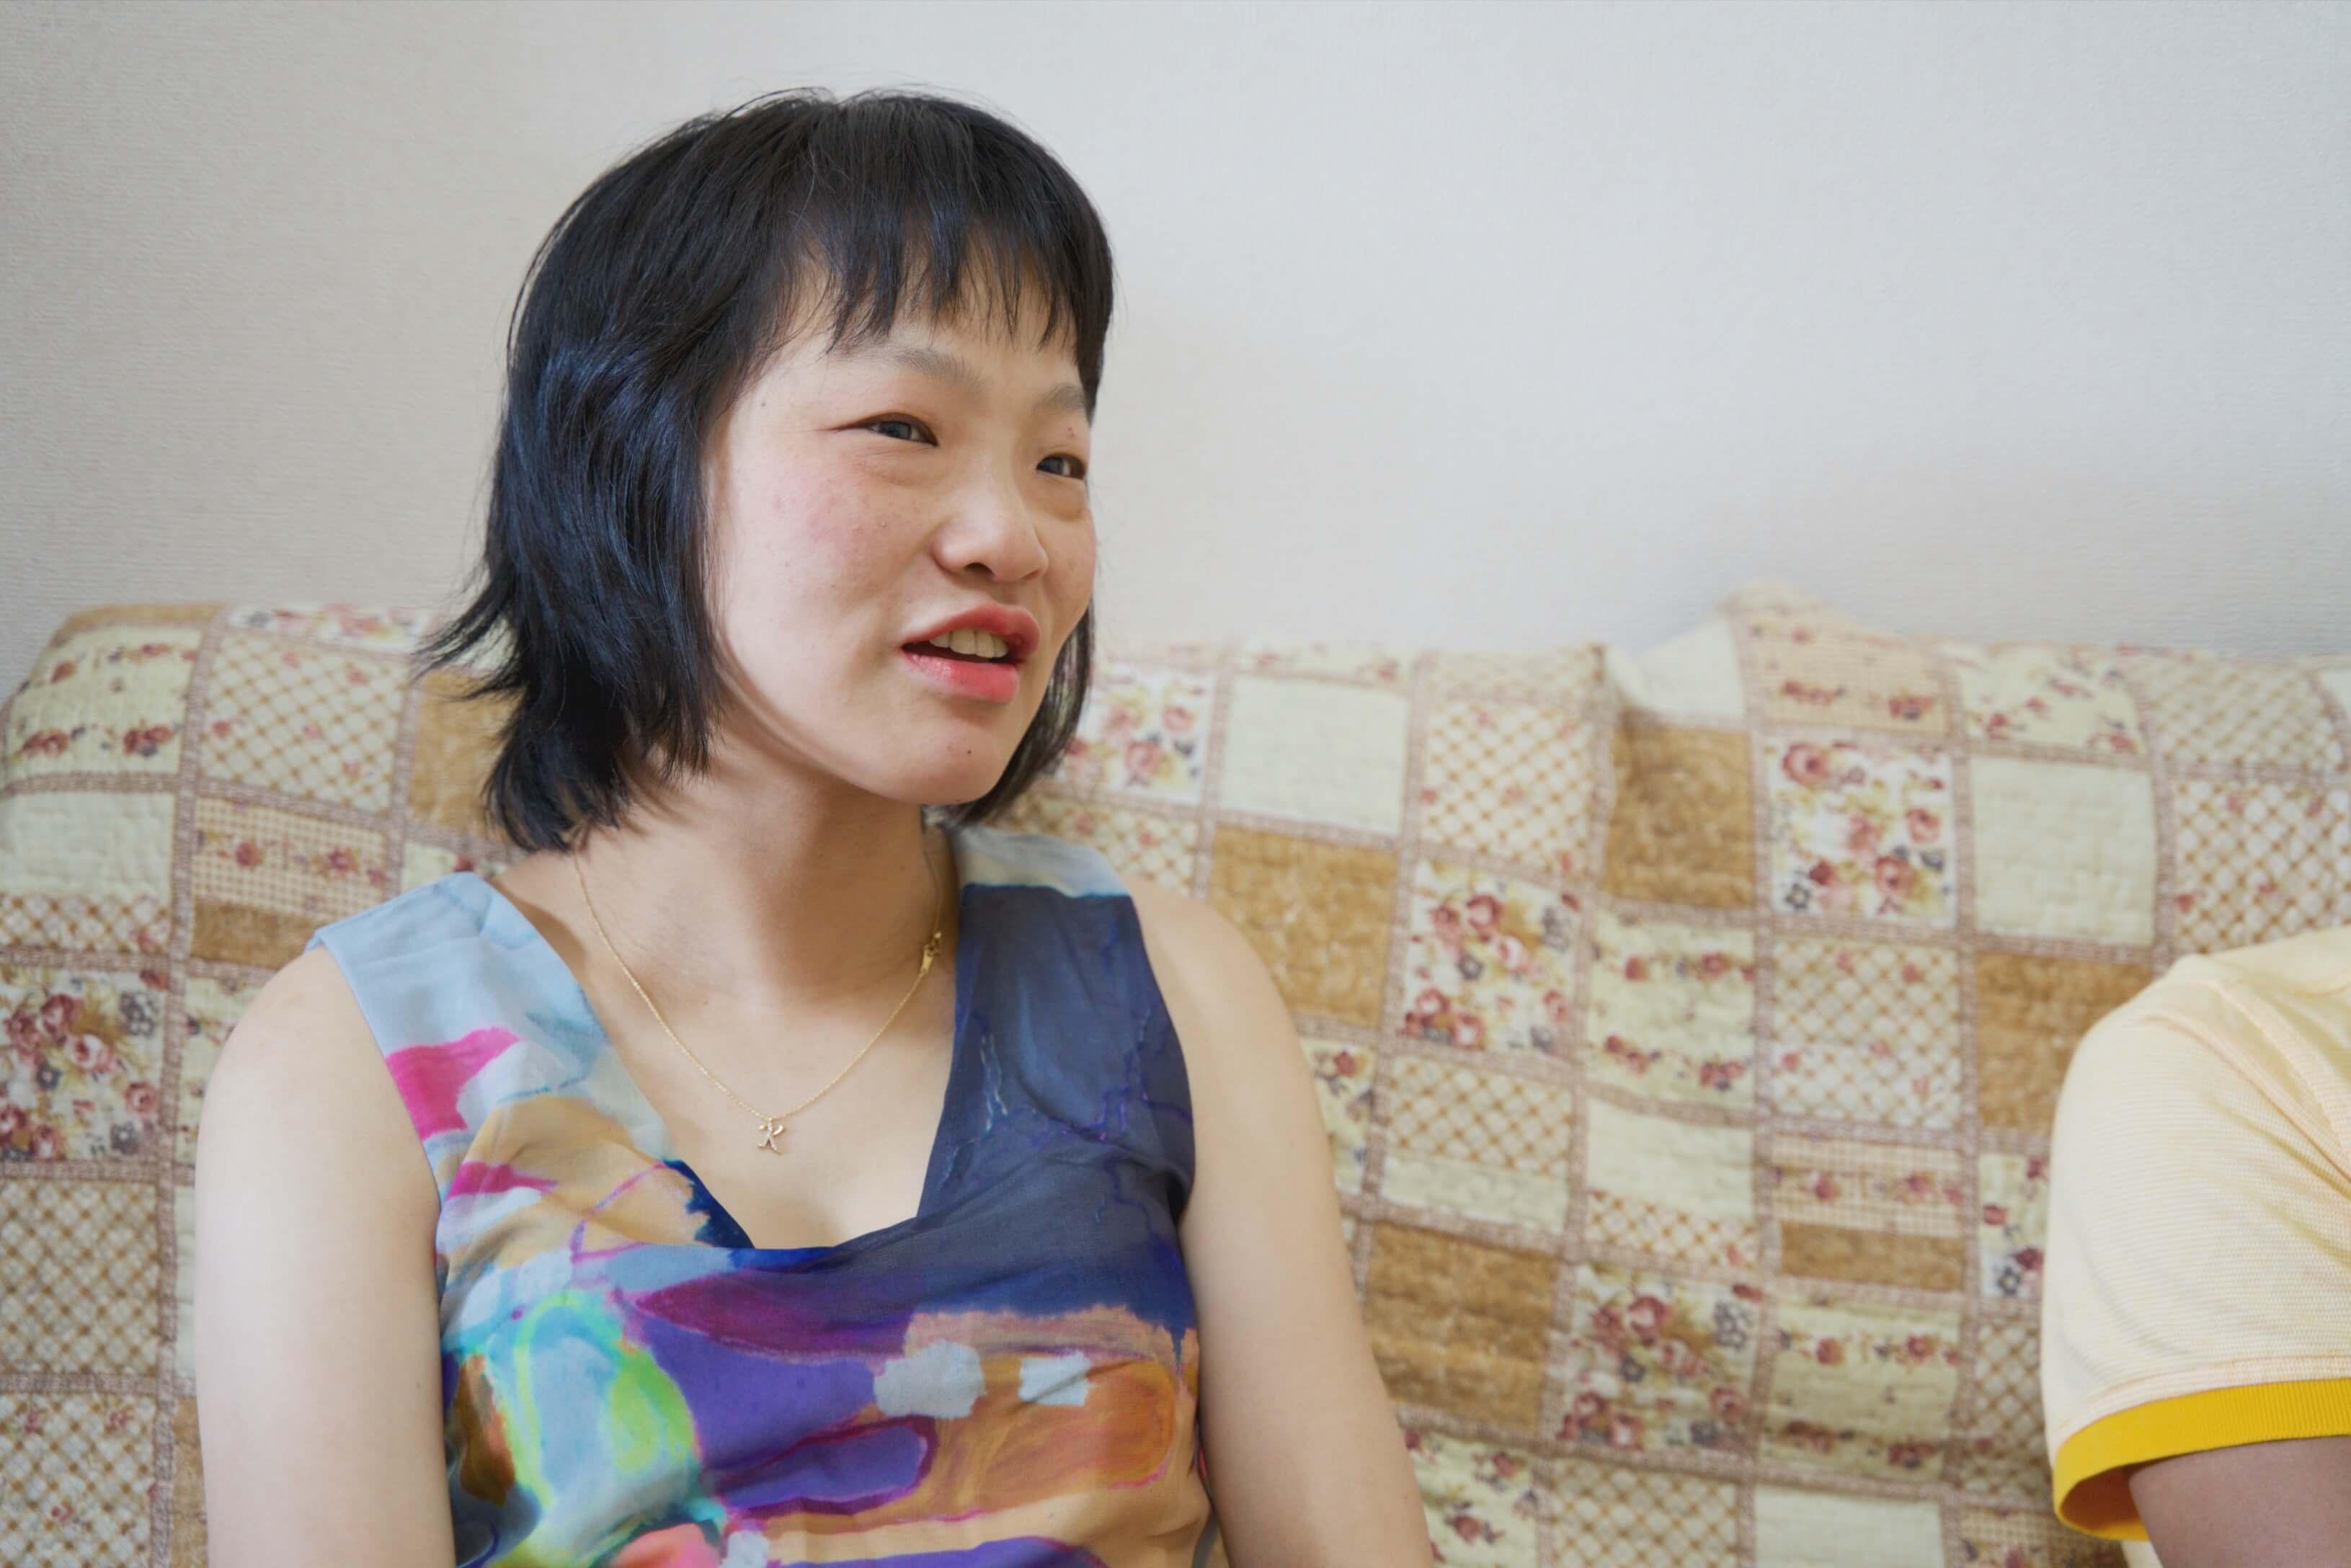 フットワークが軽いHisayukiさんに興味がわいてきたKaoriさん